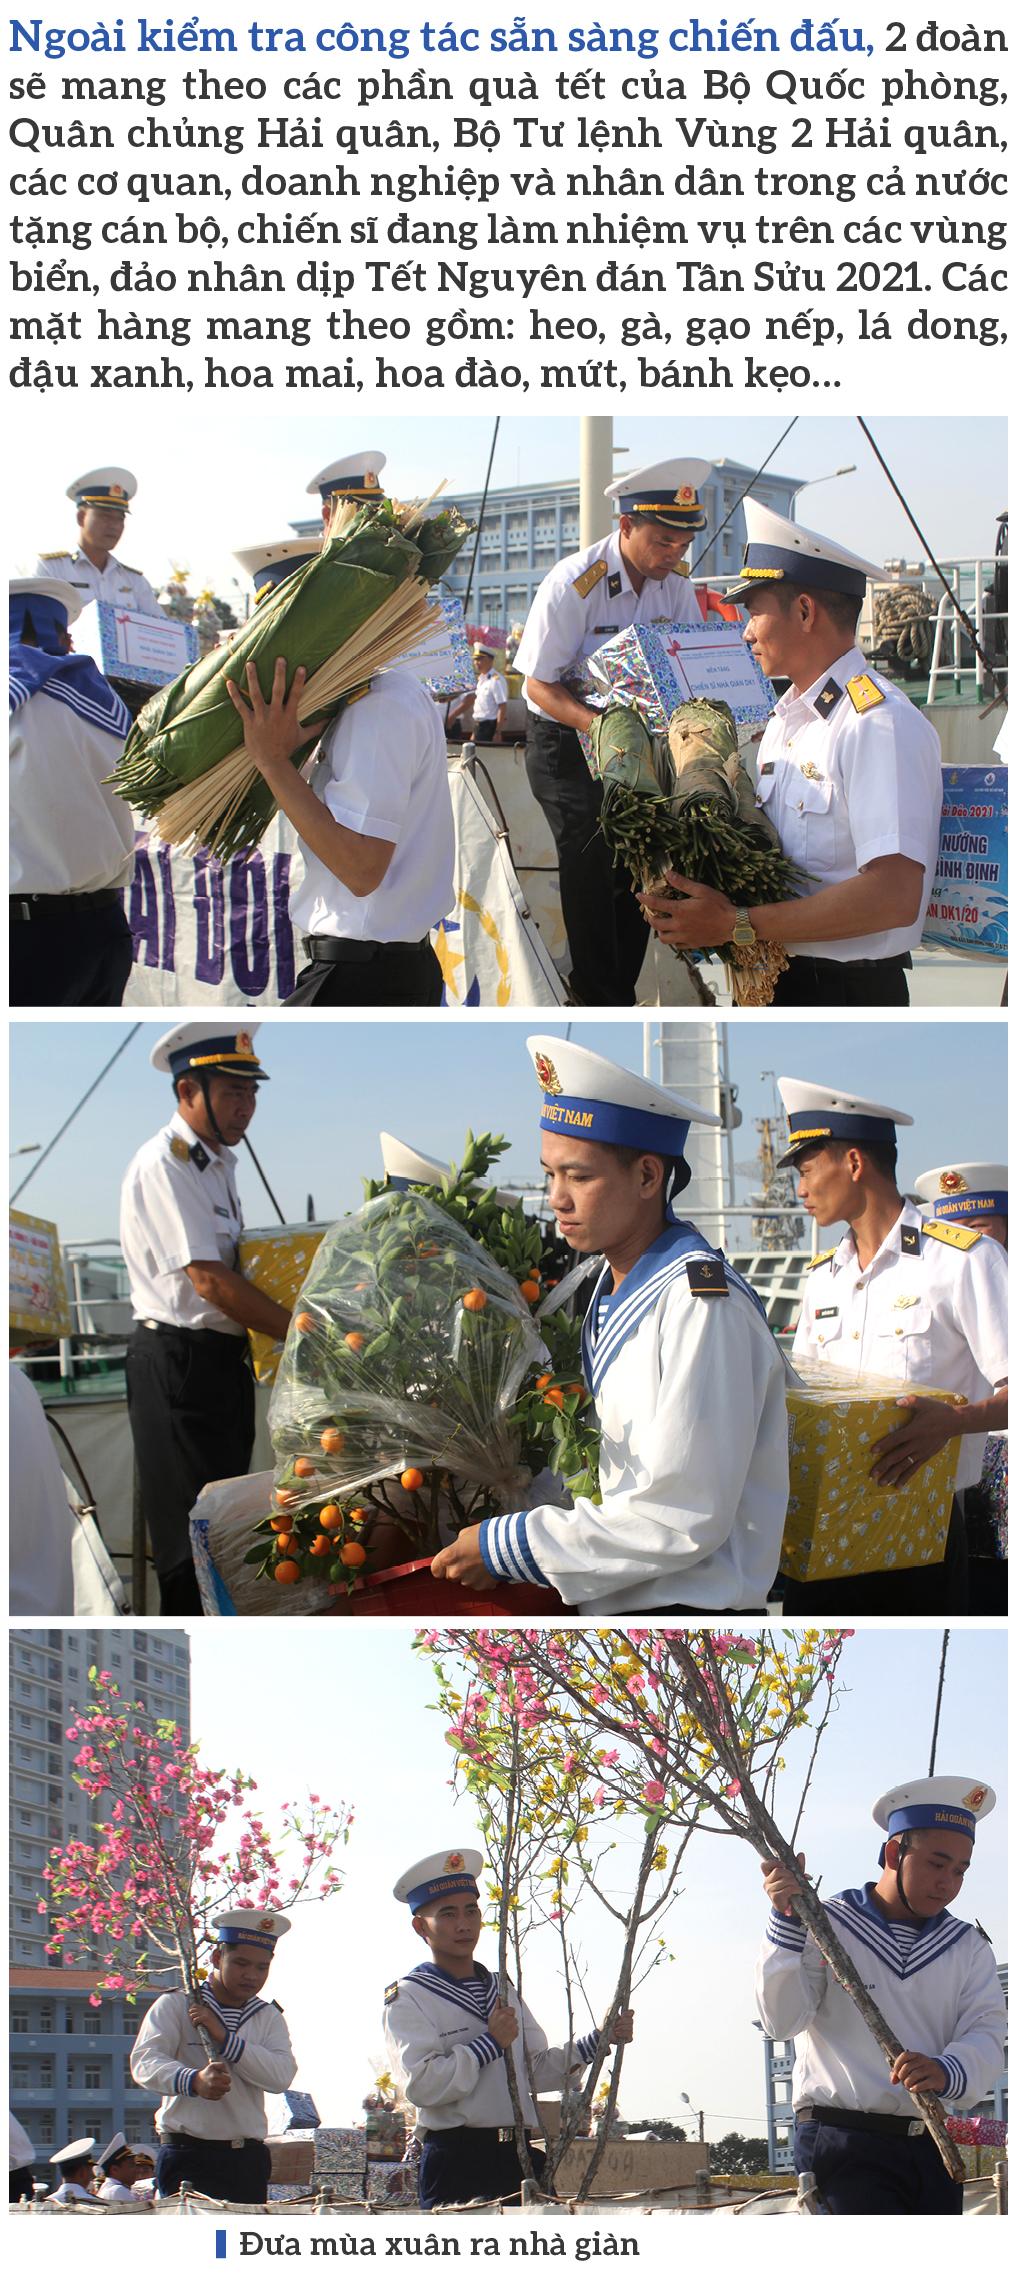 Vùng 2 Hải quân chở mùa xuân ra nhà giàn DK1 ảnh 7